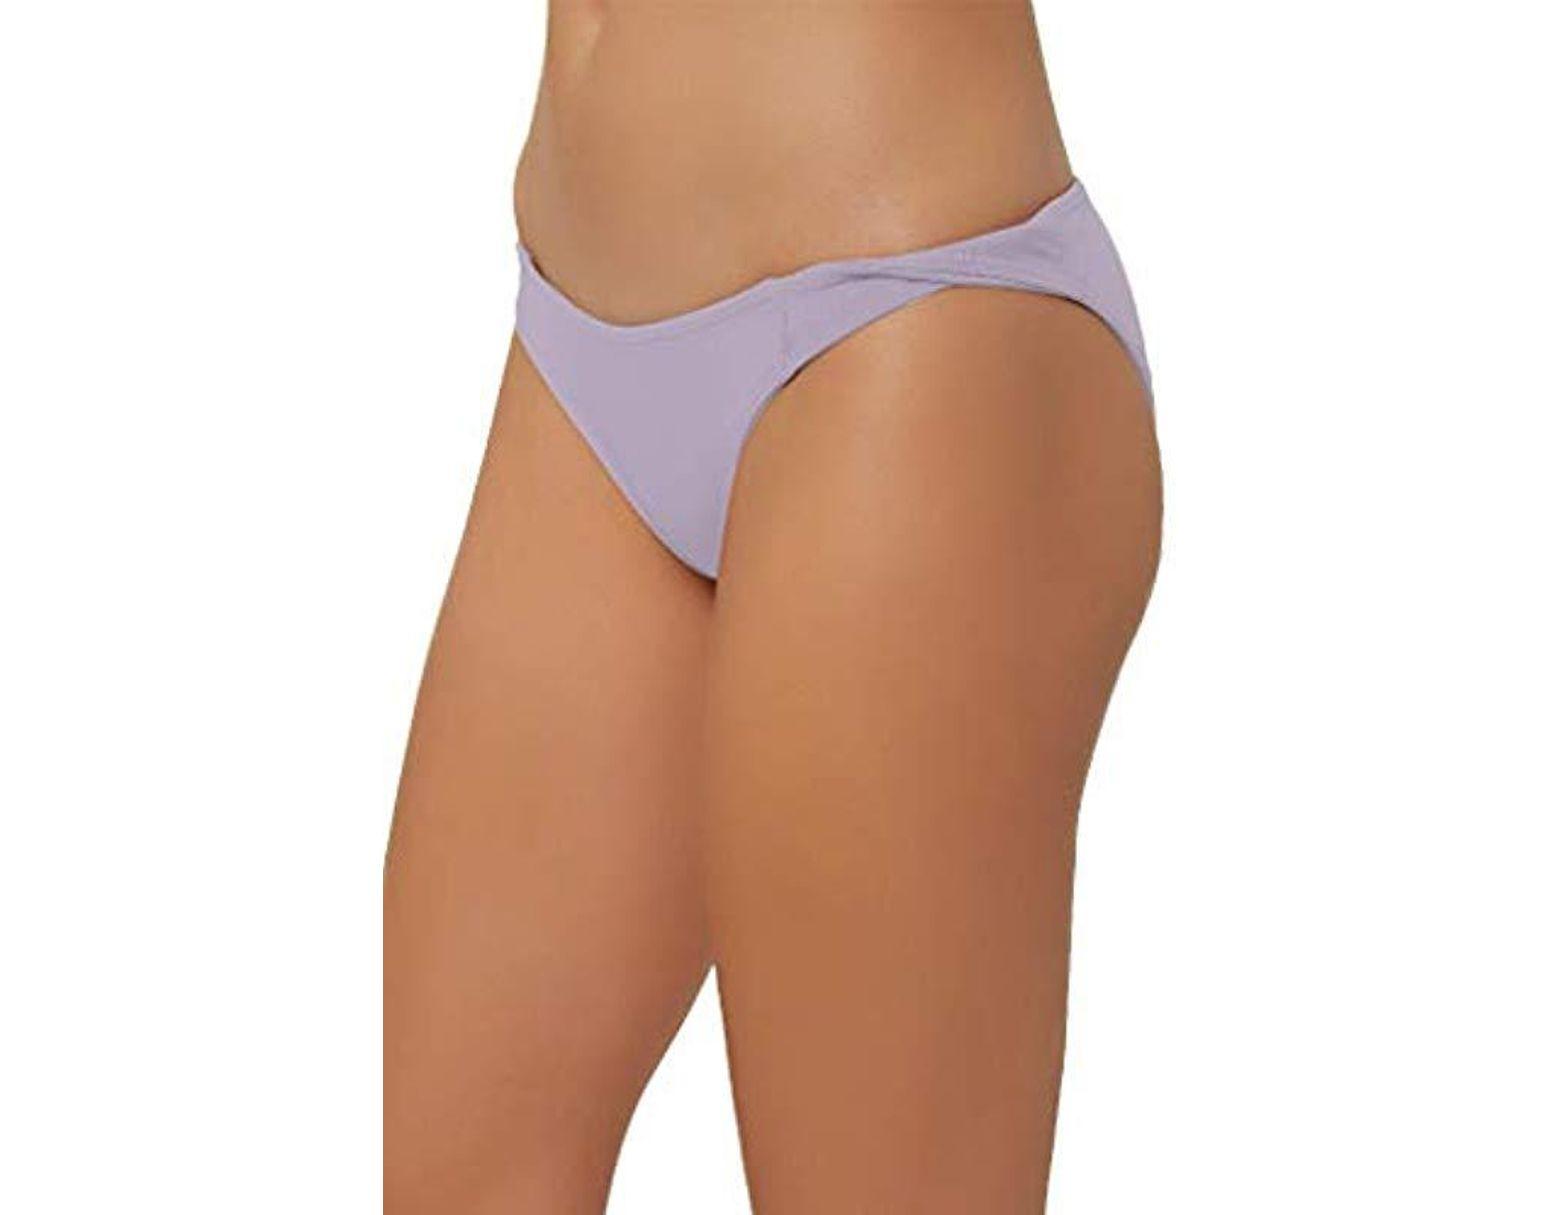 9cf30ecd8dd1d O'neill Sportswear Strappy Twist Side Tab Hipster Bikini Swimsuit Bottom -  Lyst